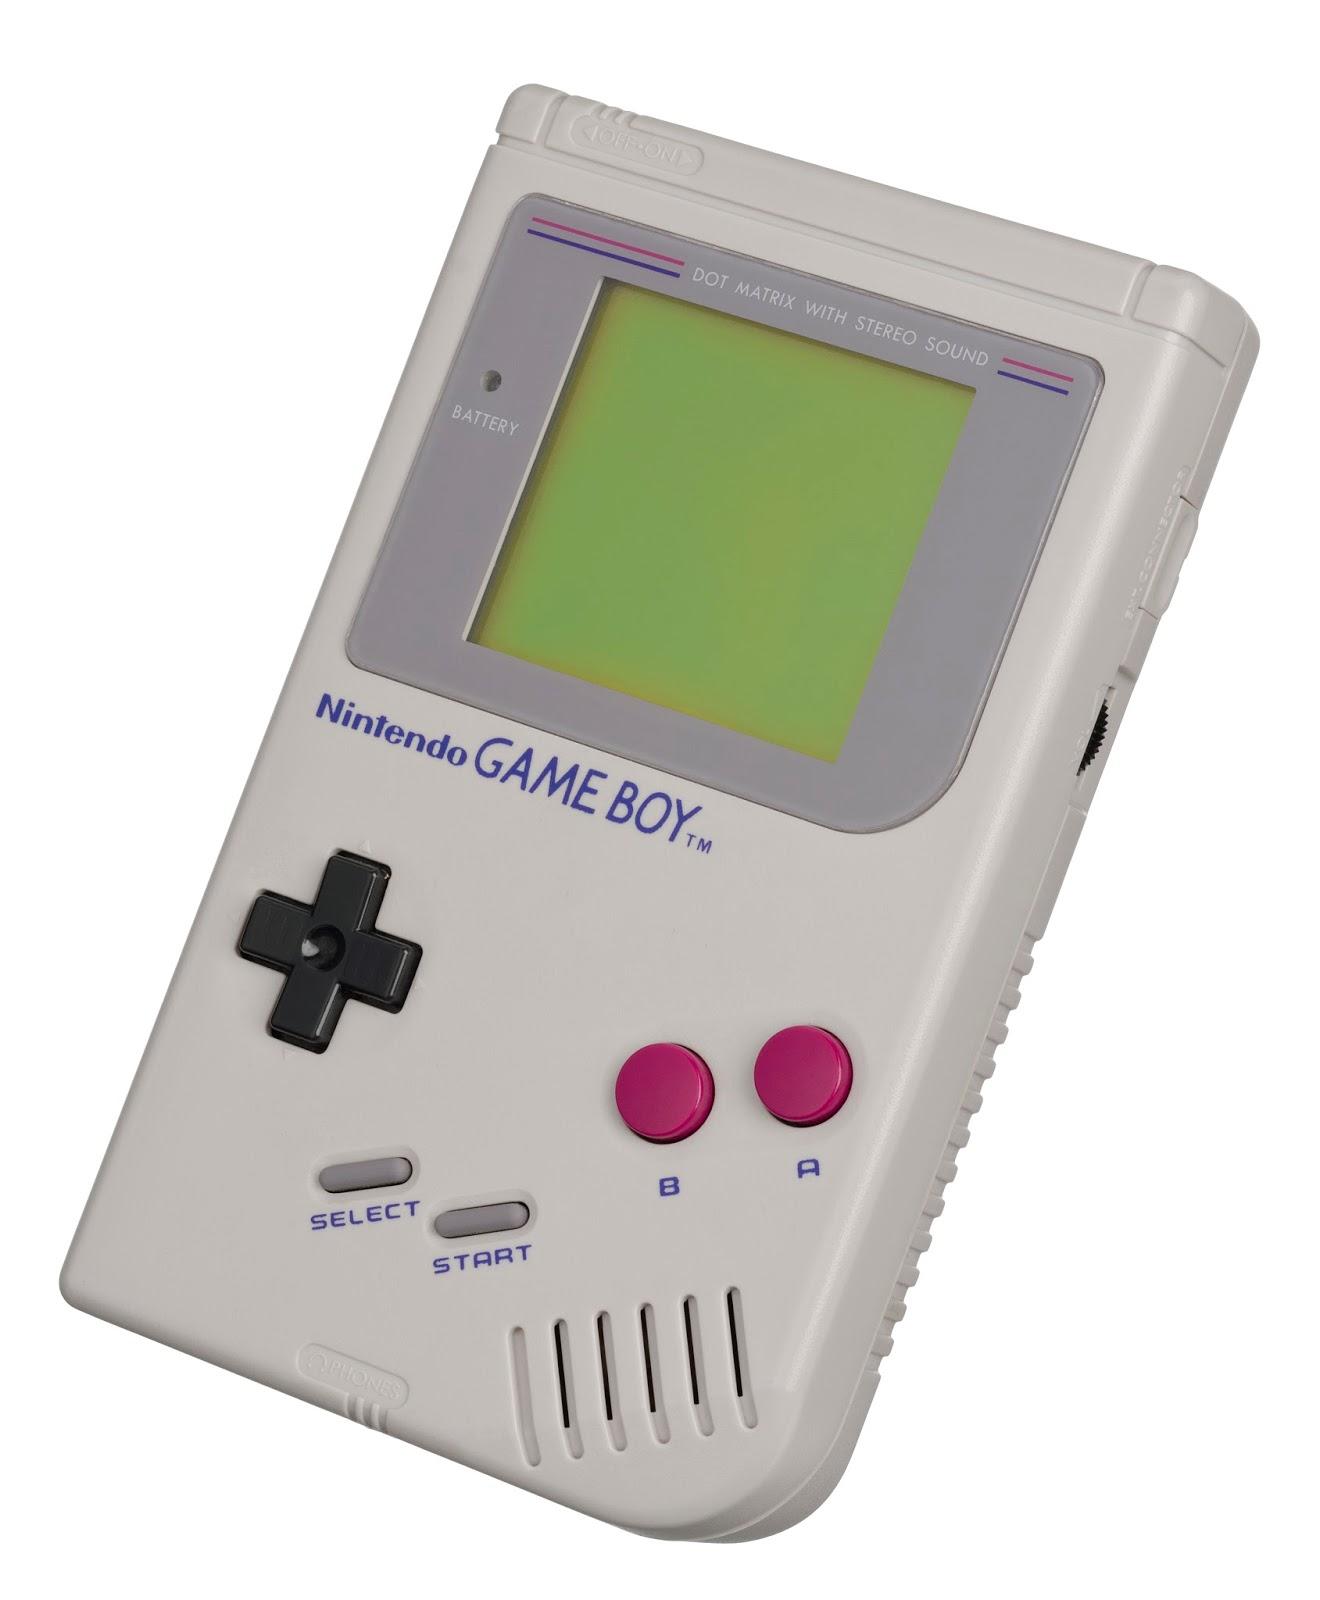 Imagen con la primera generación de Game Boy de Nintendo de 1989